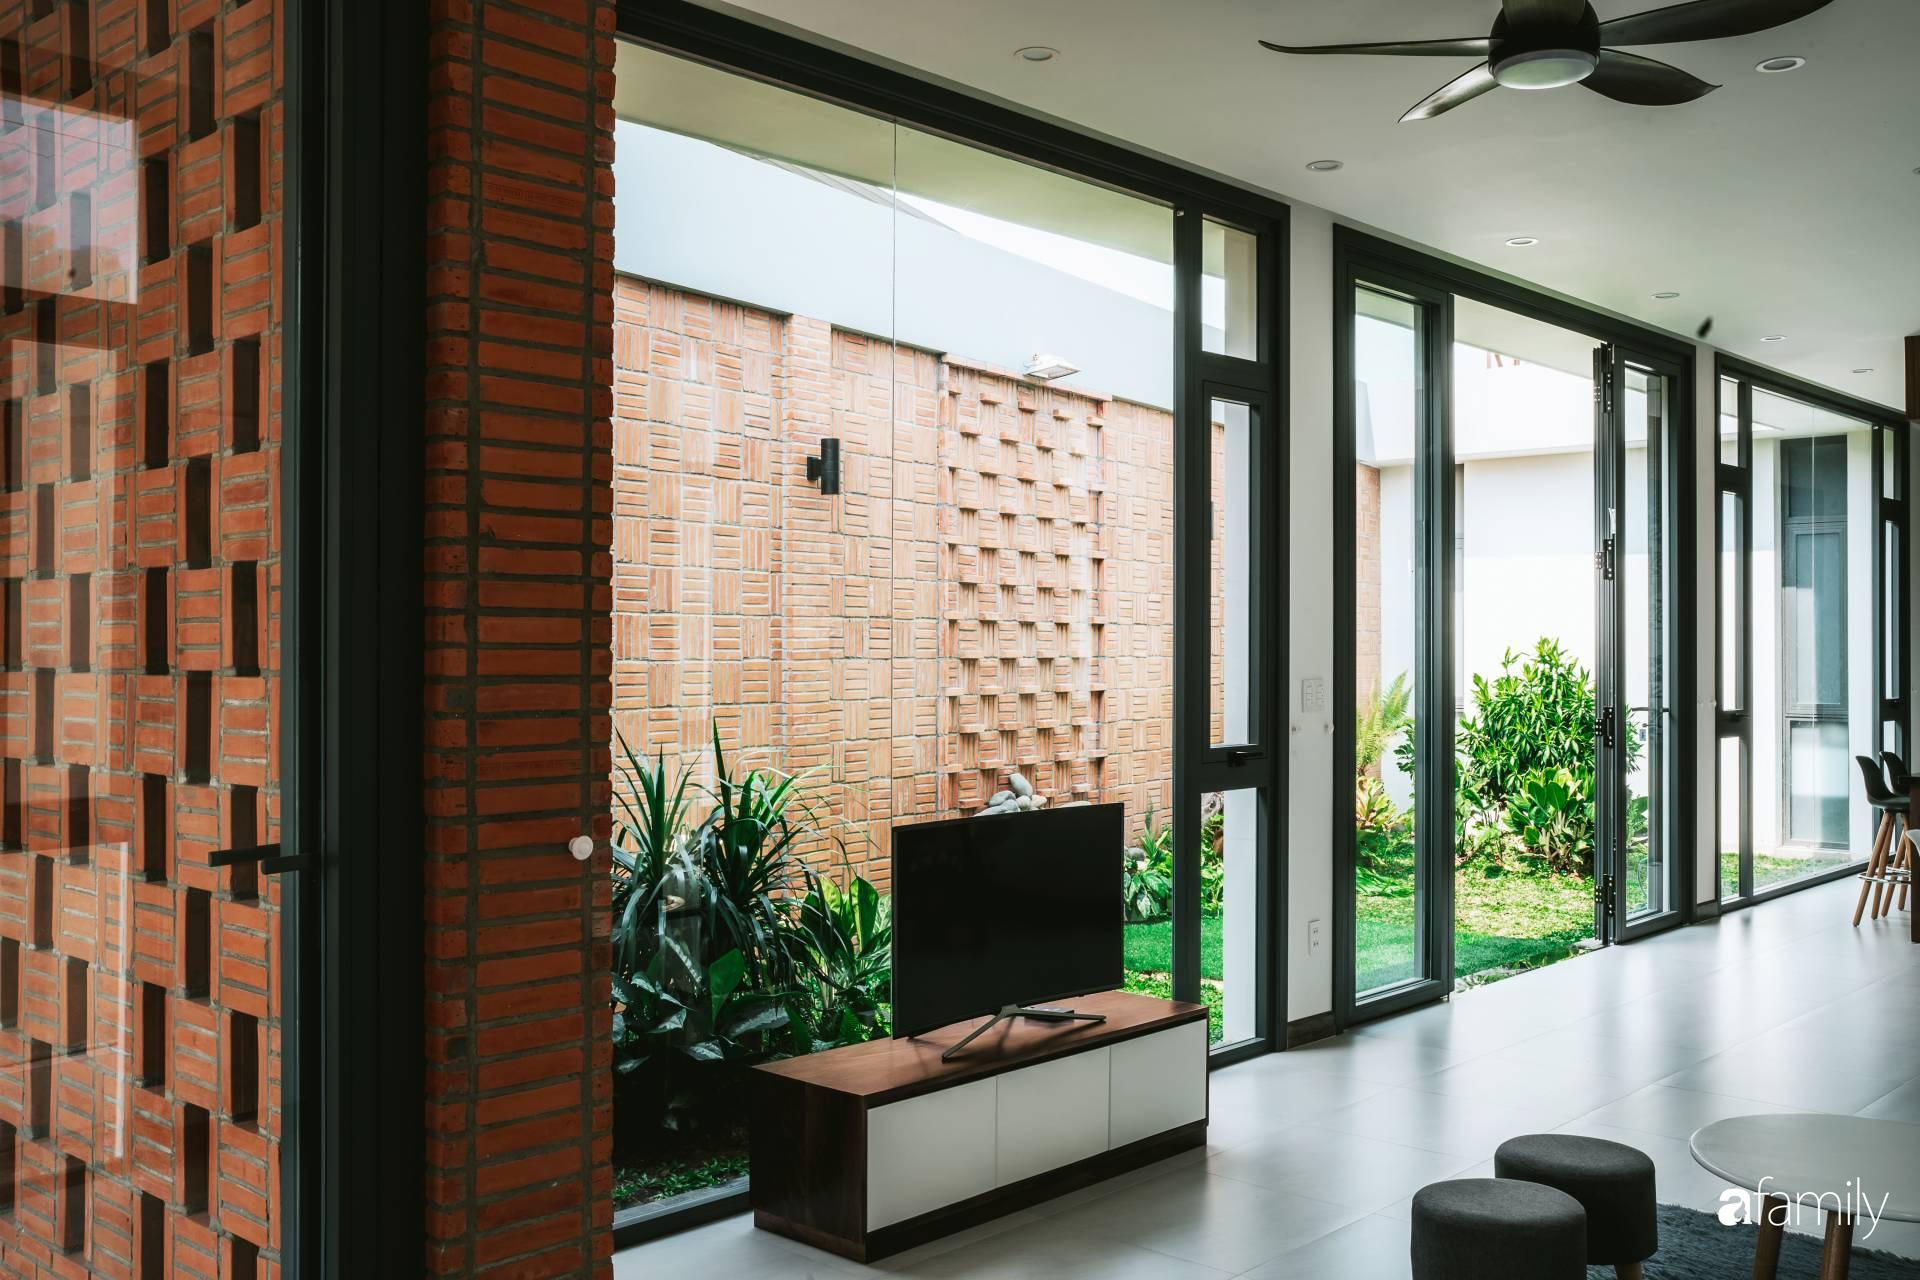 Nhà cấp 4 đẹp như resort 5 sao của đôi vợ chồng trẻ cùng hai cậu con trai nhỏ ở ngoại ô thành phố Biên Hòa, Đồng Nai - Ảnh 14.